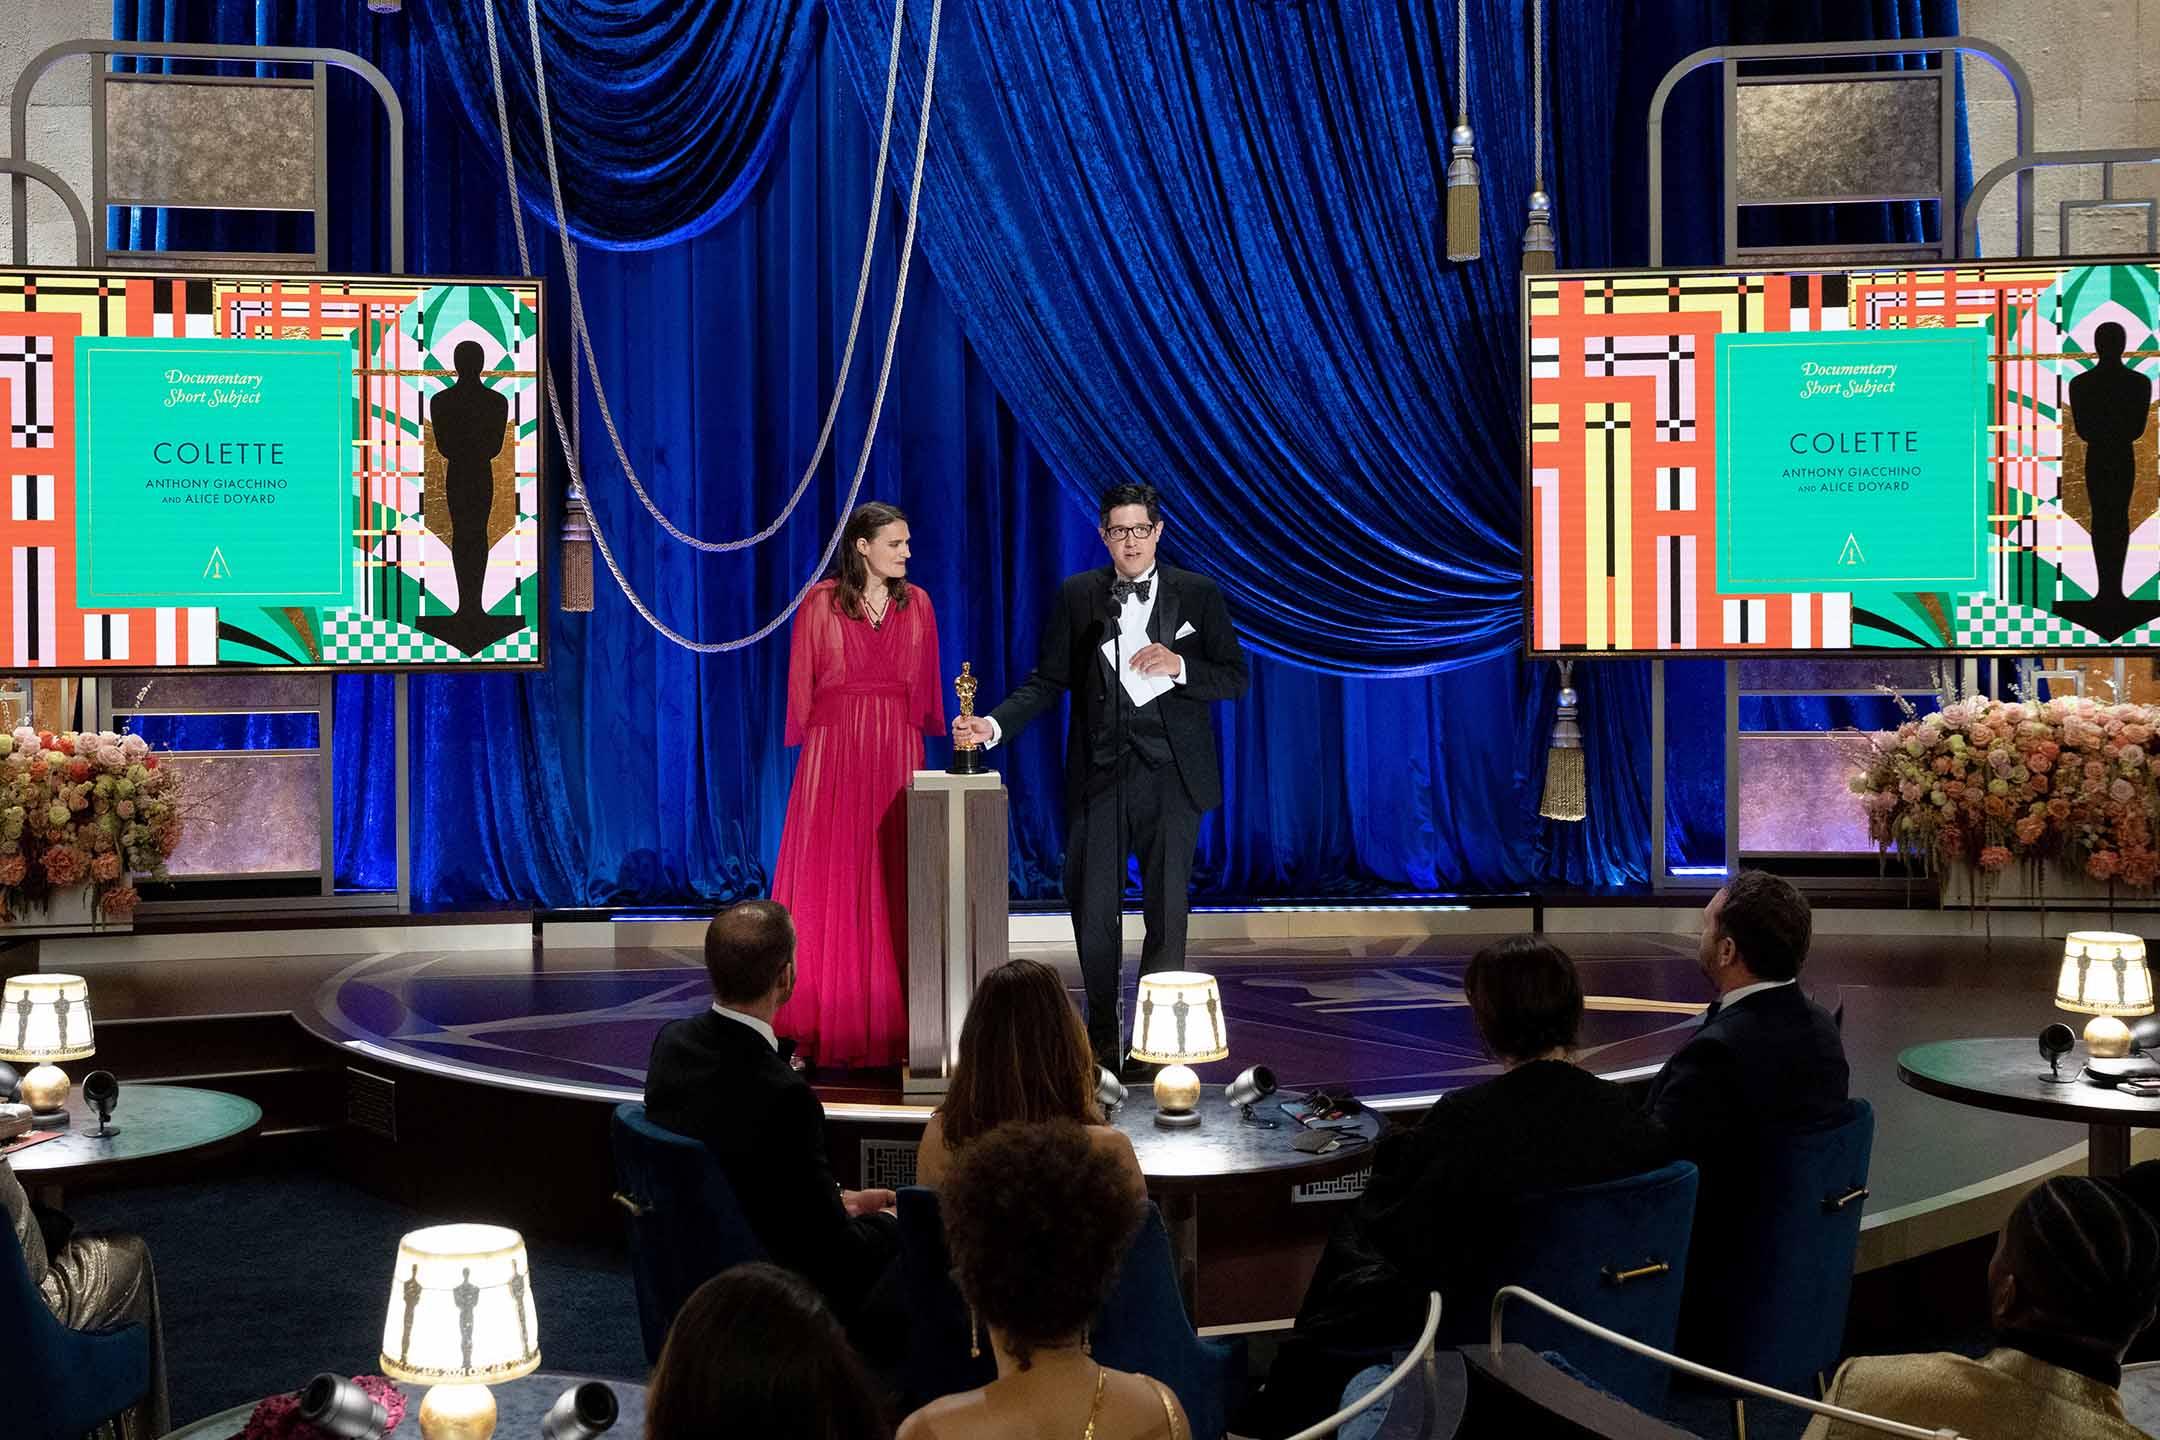 2021年4月25日洛杉磯,《Colette》的導演安東尼.賈基諾(Anthony Giacchino)卻在頒獎台上向香港人致意道:「香港示威者不會被忘記。」。